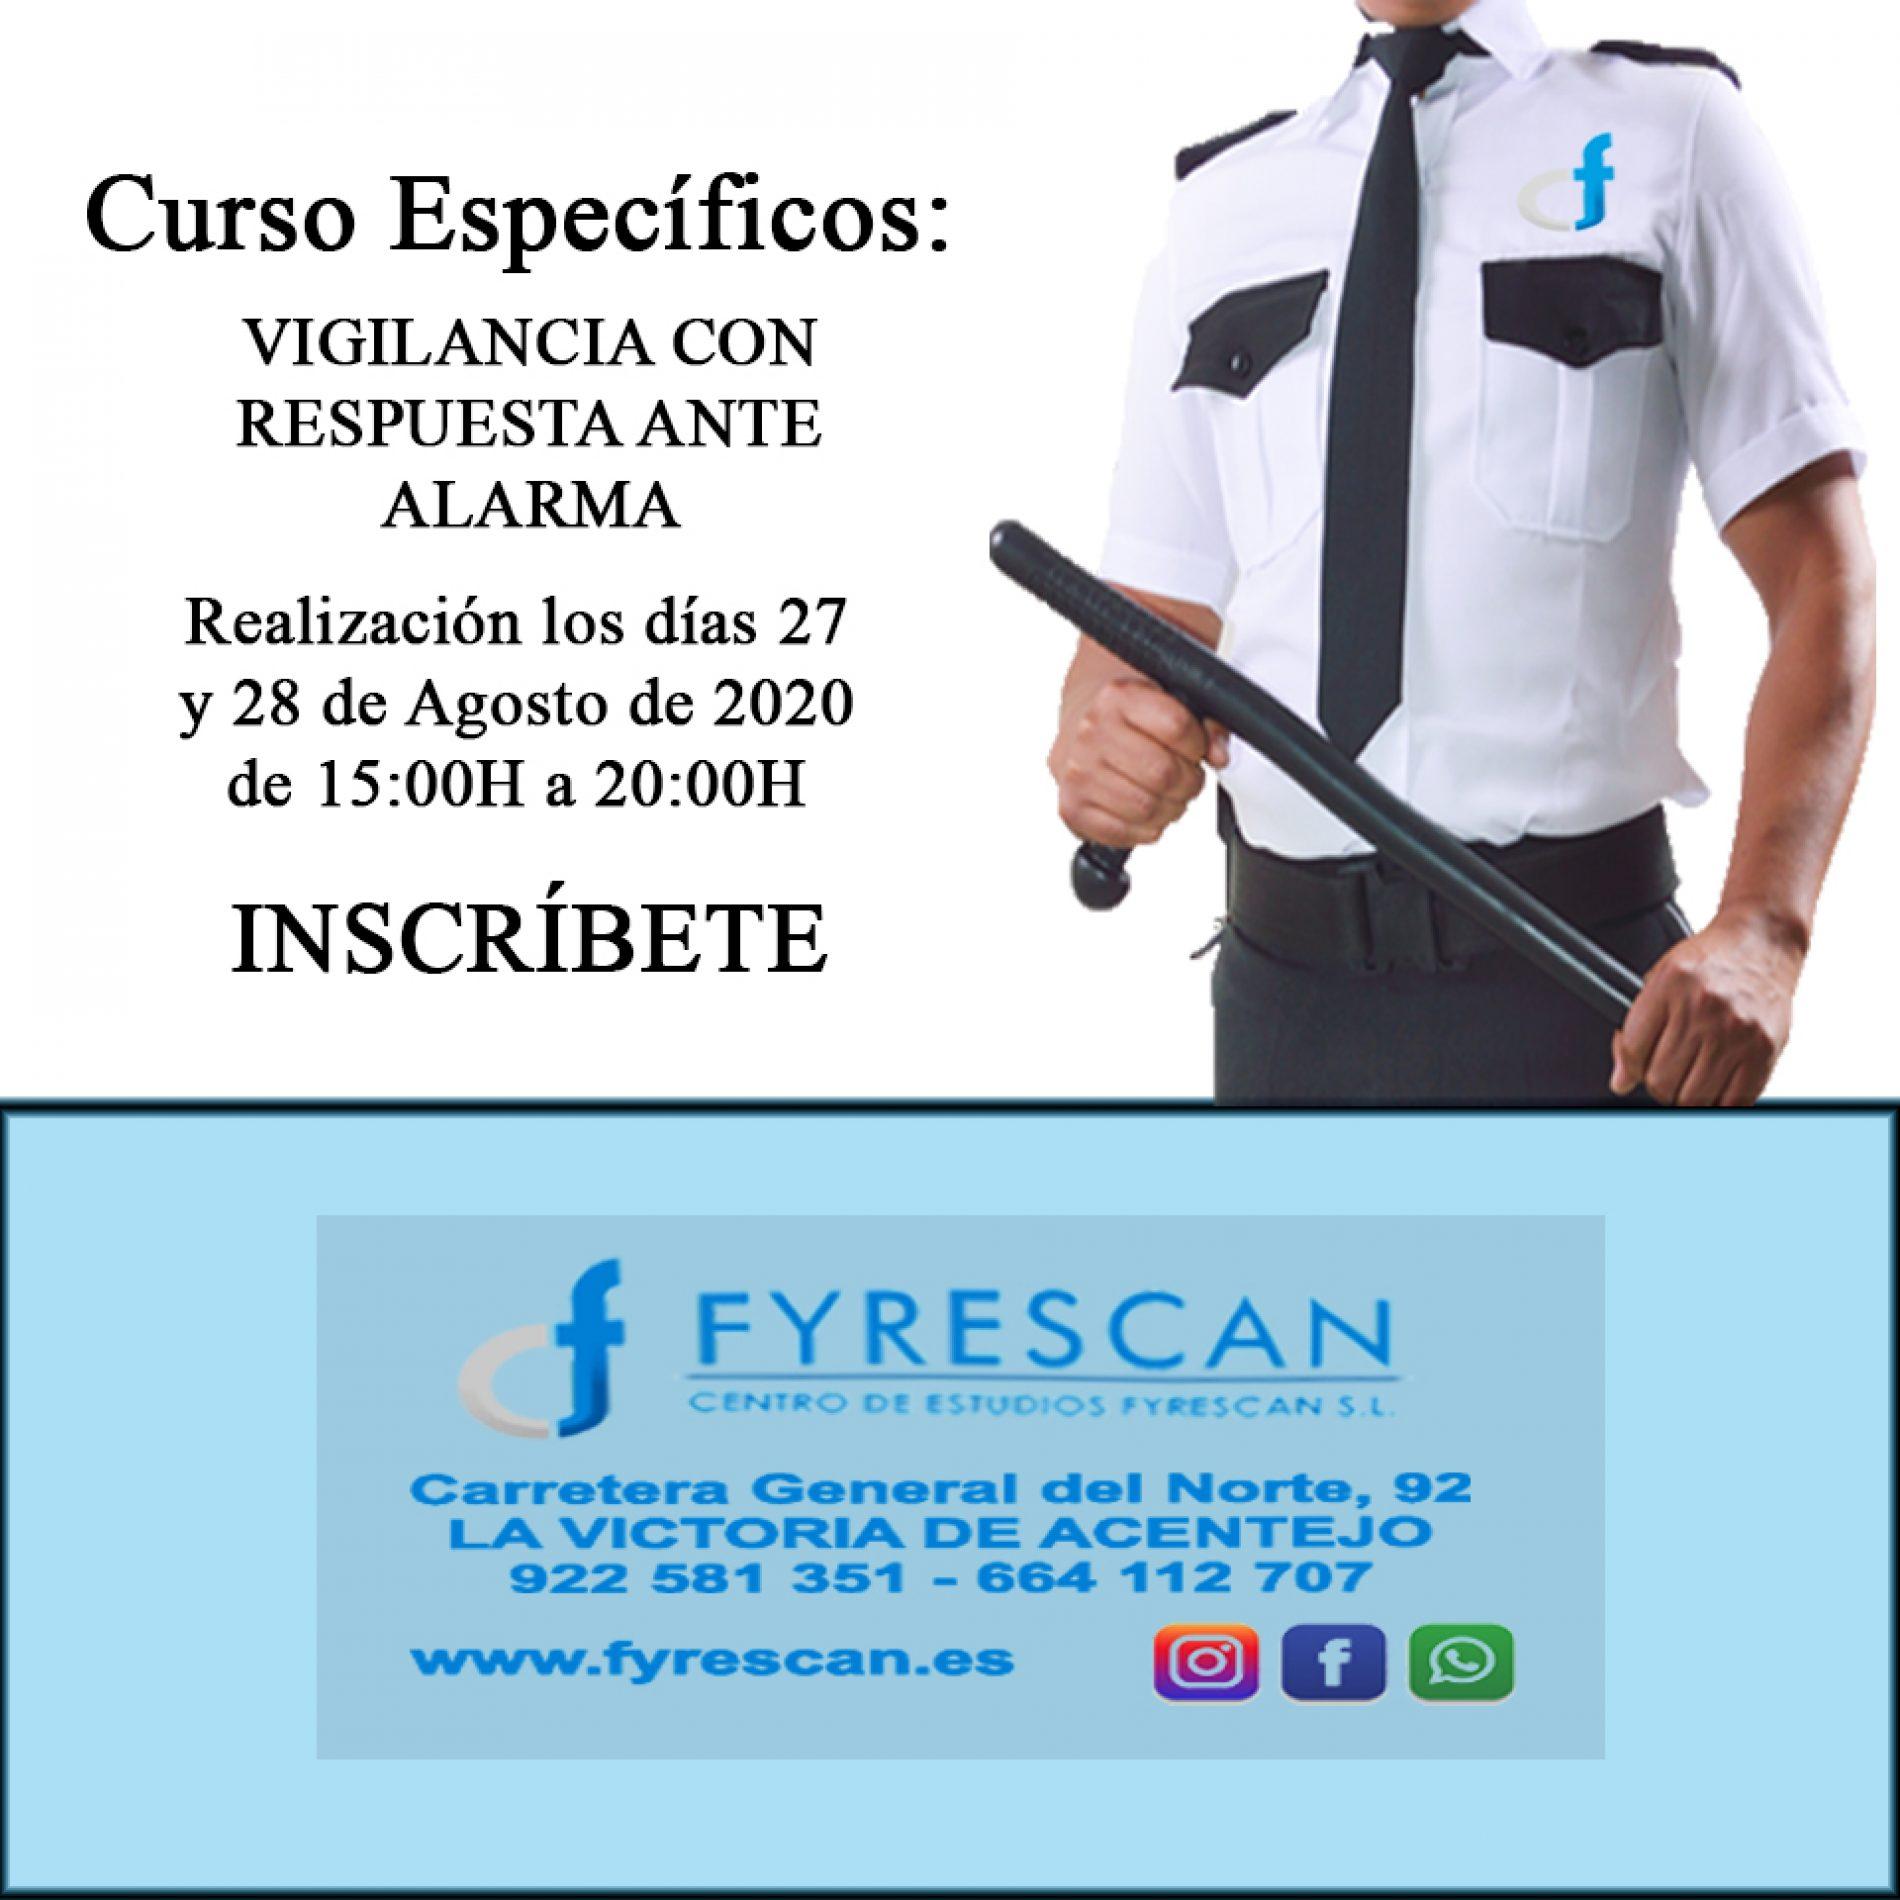 CURSO ESPECÍFICO – VIGILANCIA CON RESPUESTA ANTE ALARMA